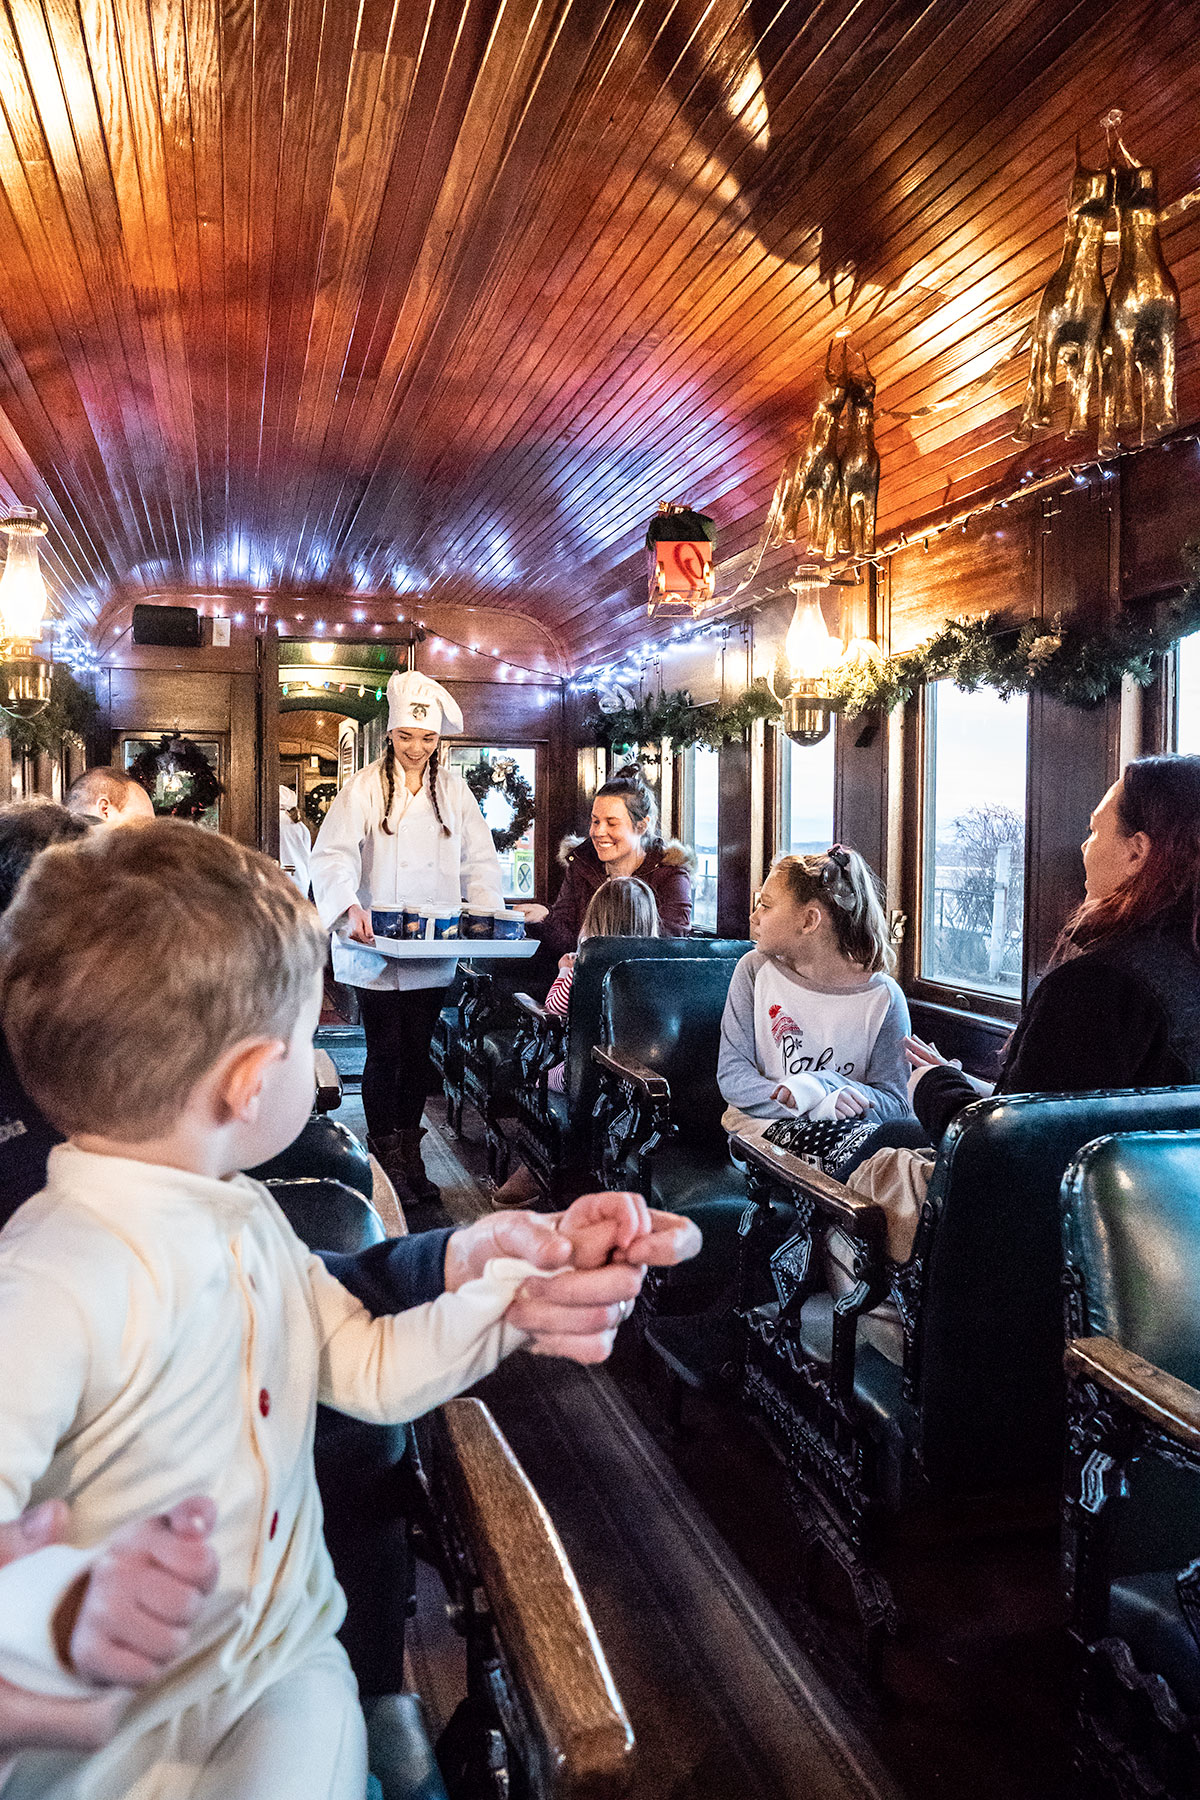 Riding-Polar-Express-Portland-Maine